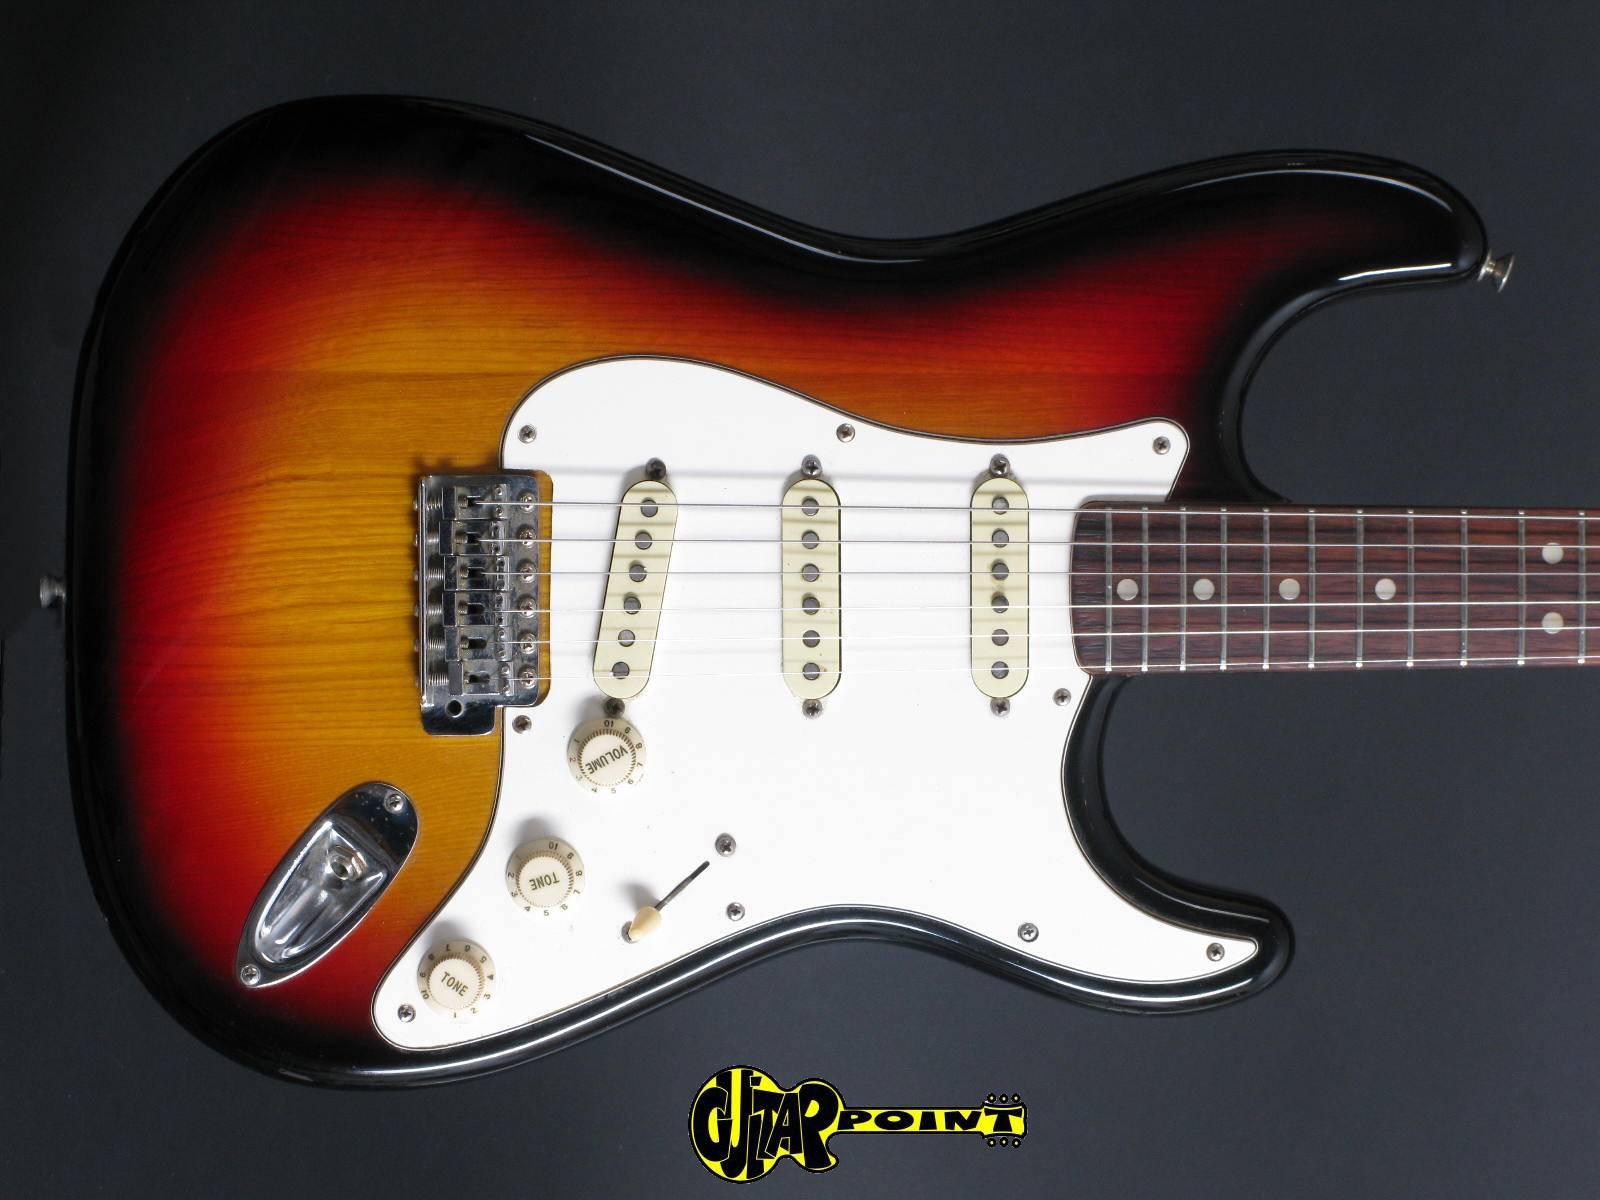 1974 Fender Stratocaster - Sunburst